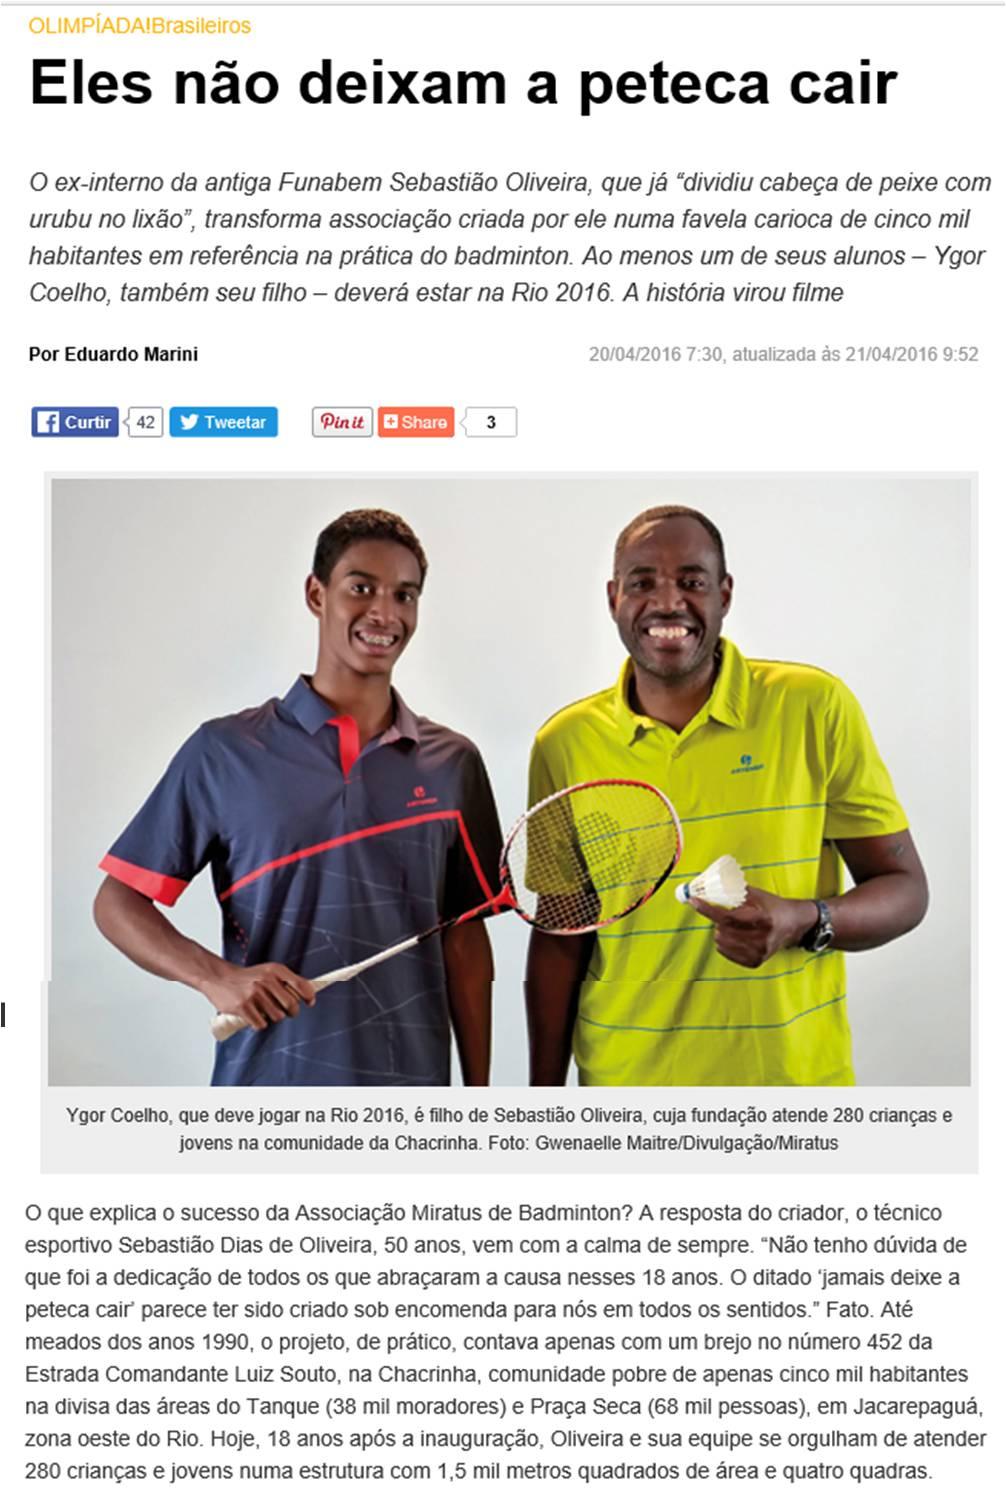 2016 04 19 Brasileiros.com